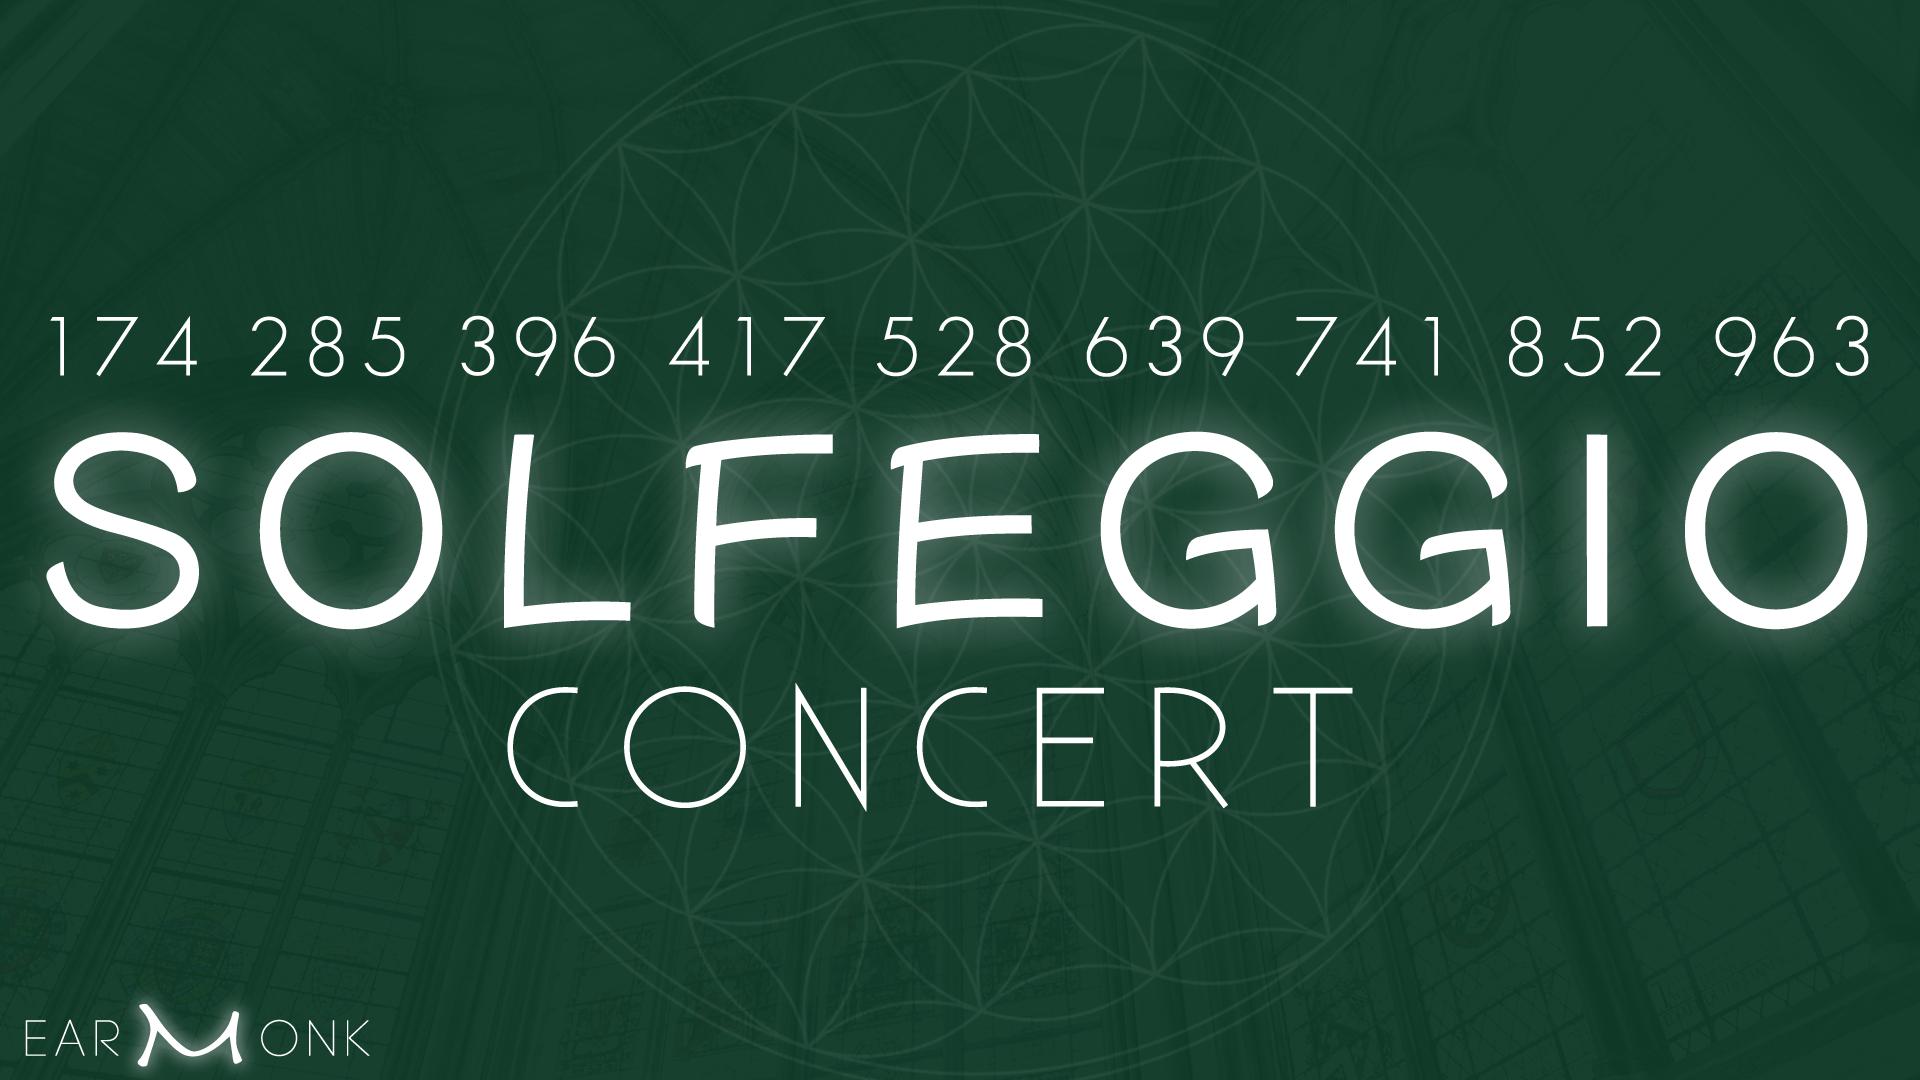 Full Body Restore - 9 Solfeggio Tones Concert